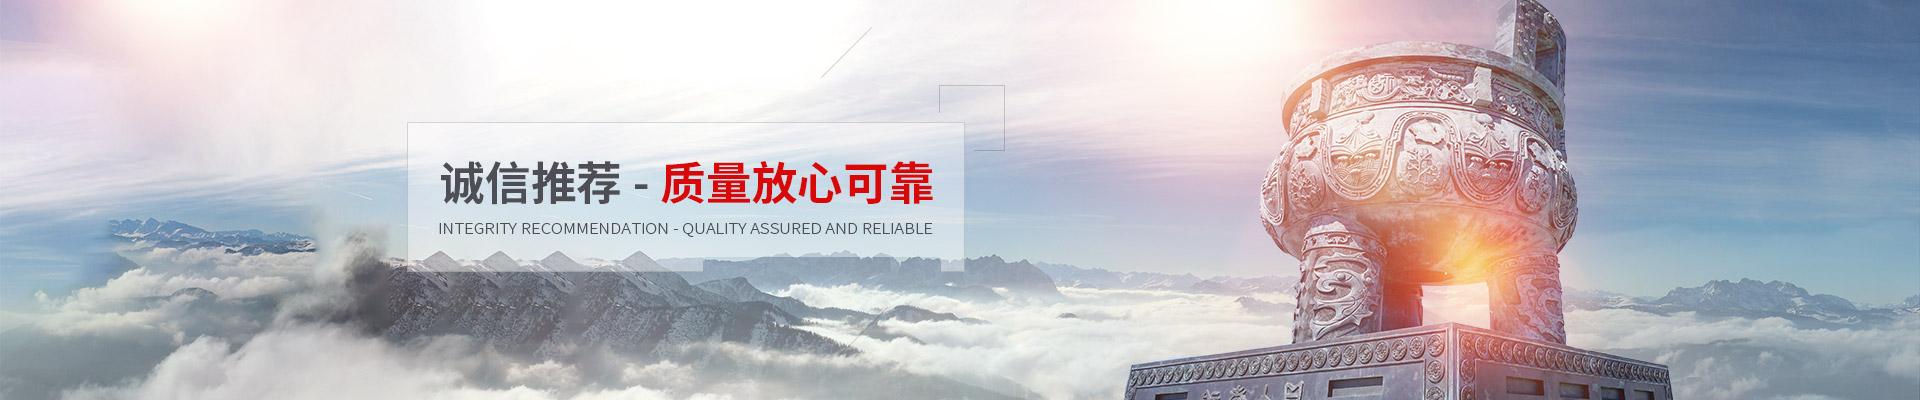 上海興趣市場策劃「上海萬醴文化傳媒供應」